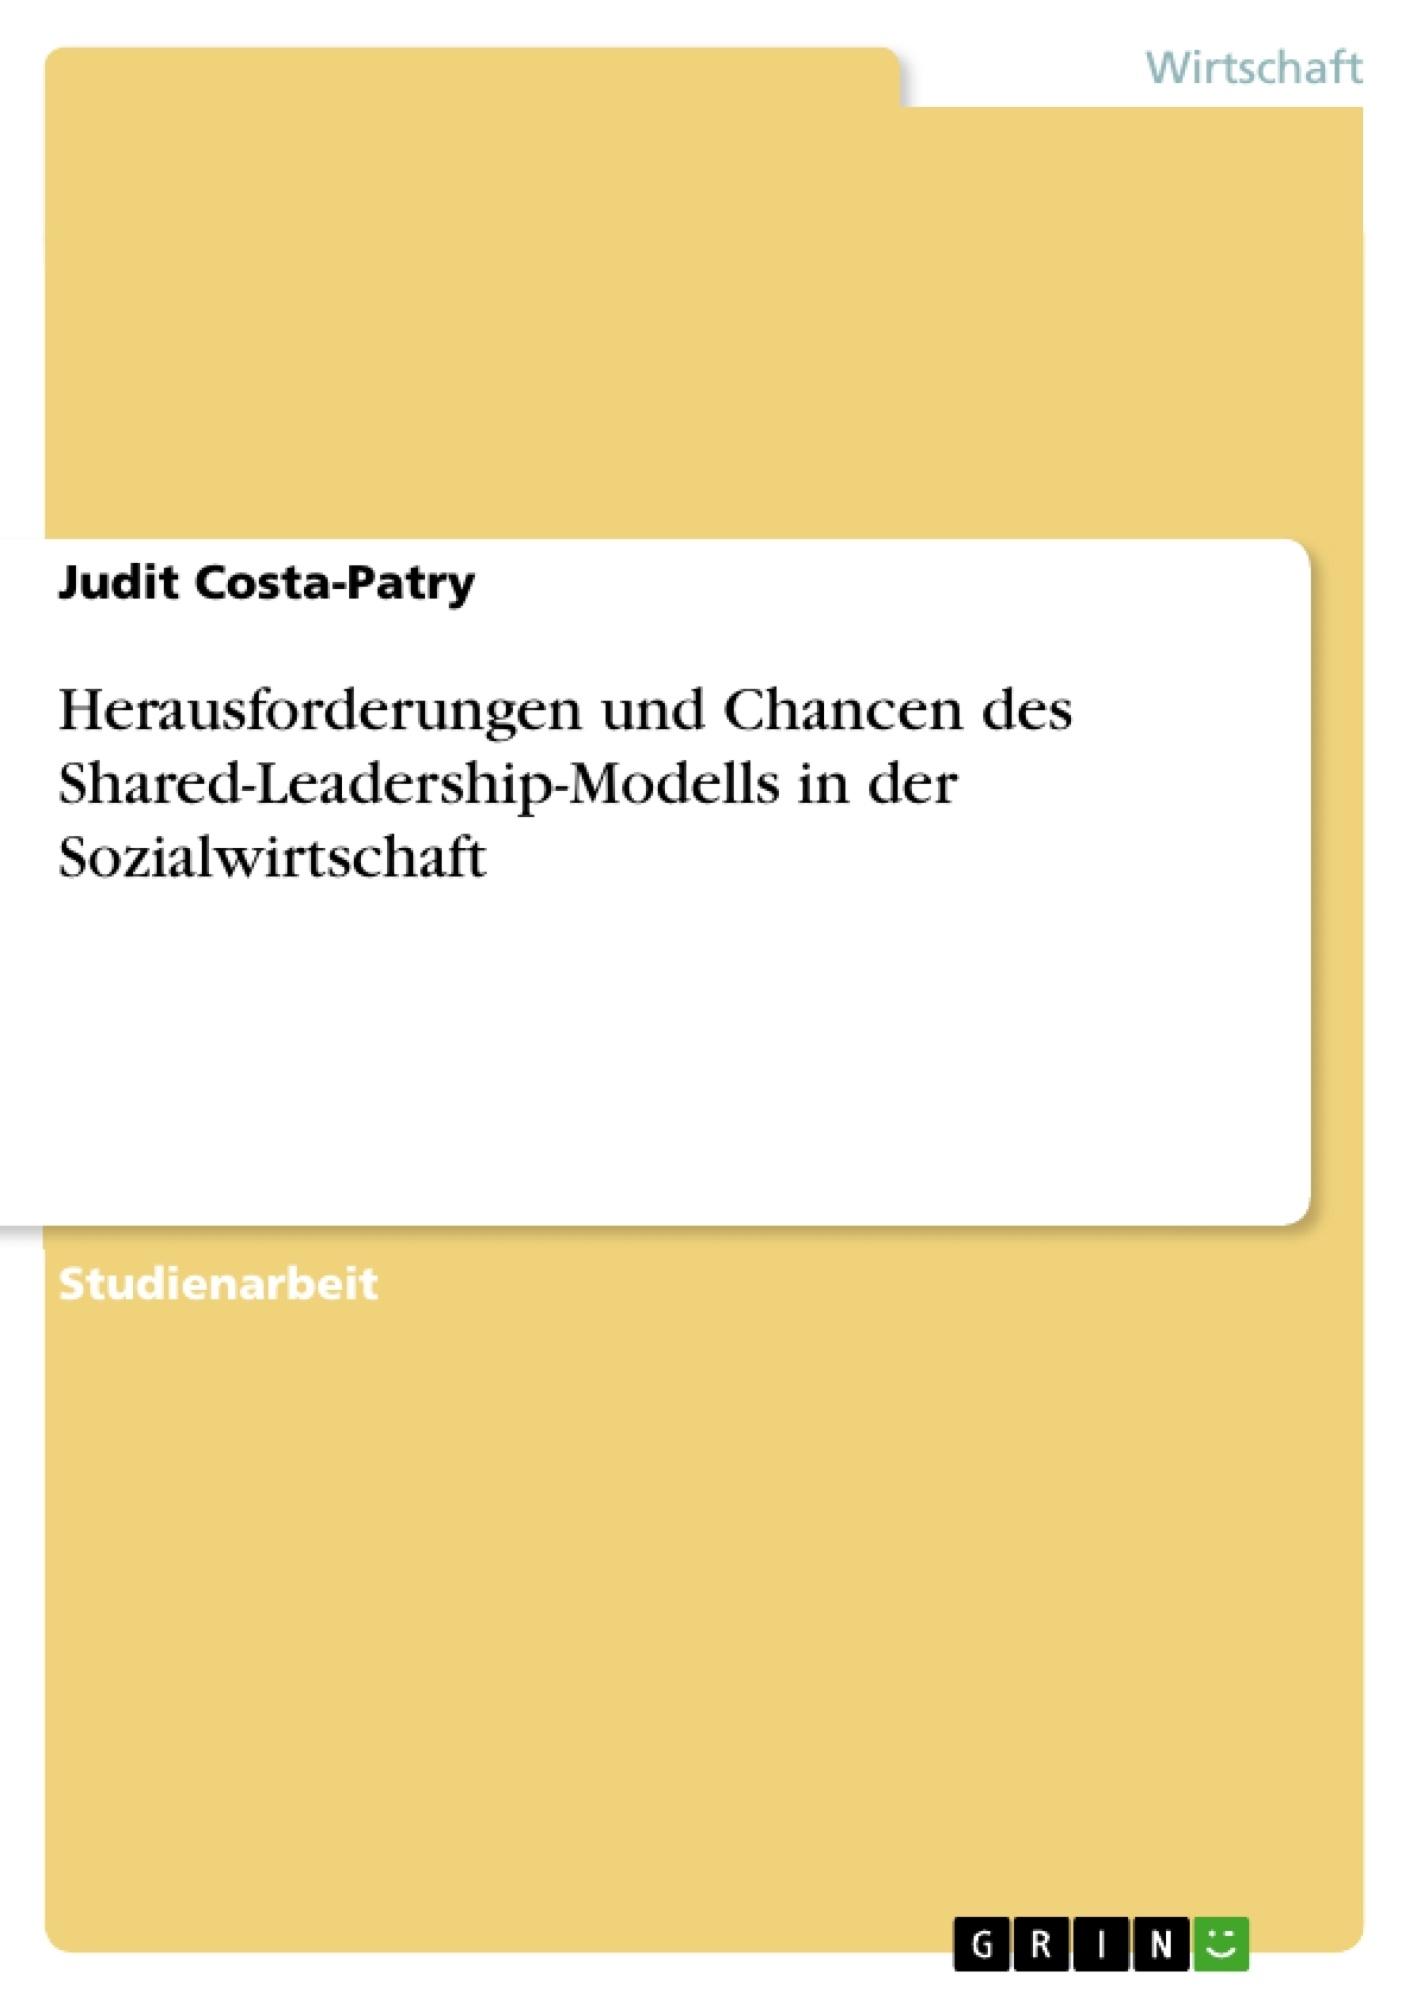 Titel: Herausforderungen und Chancen des Shared-Leadership-Modells in der Sozialwirtschaft